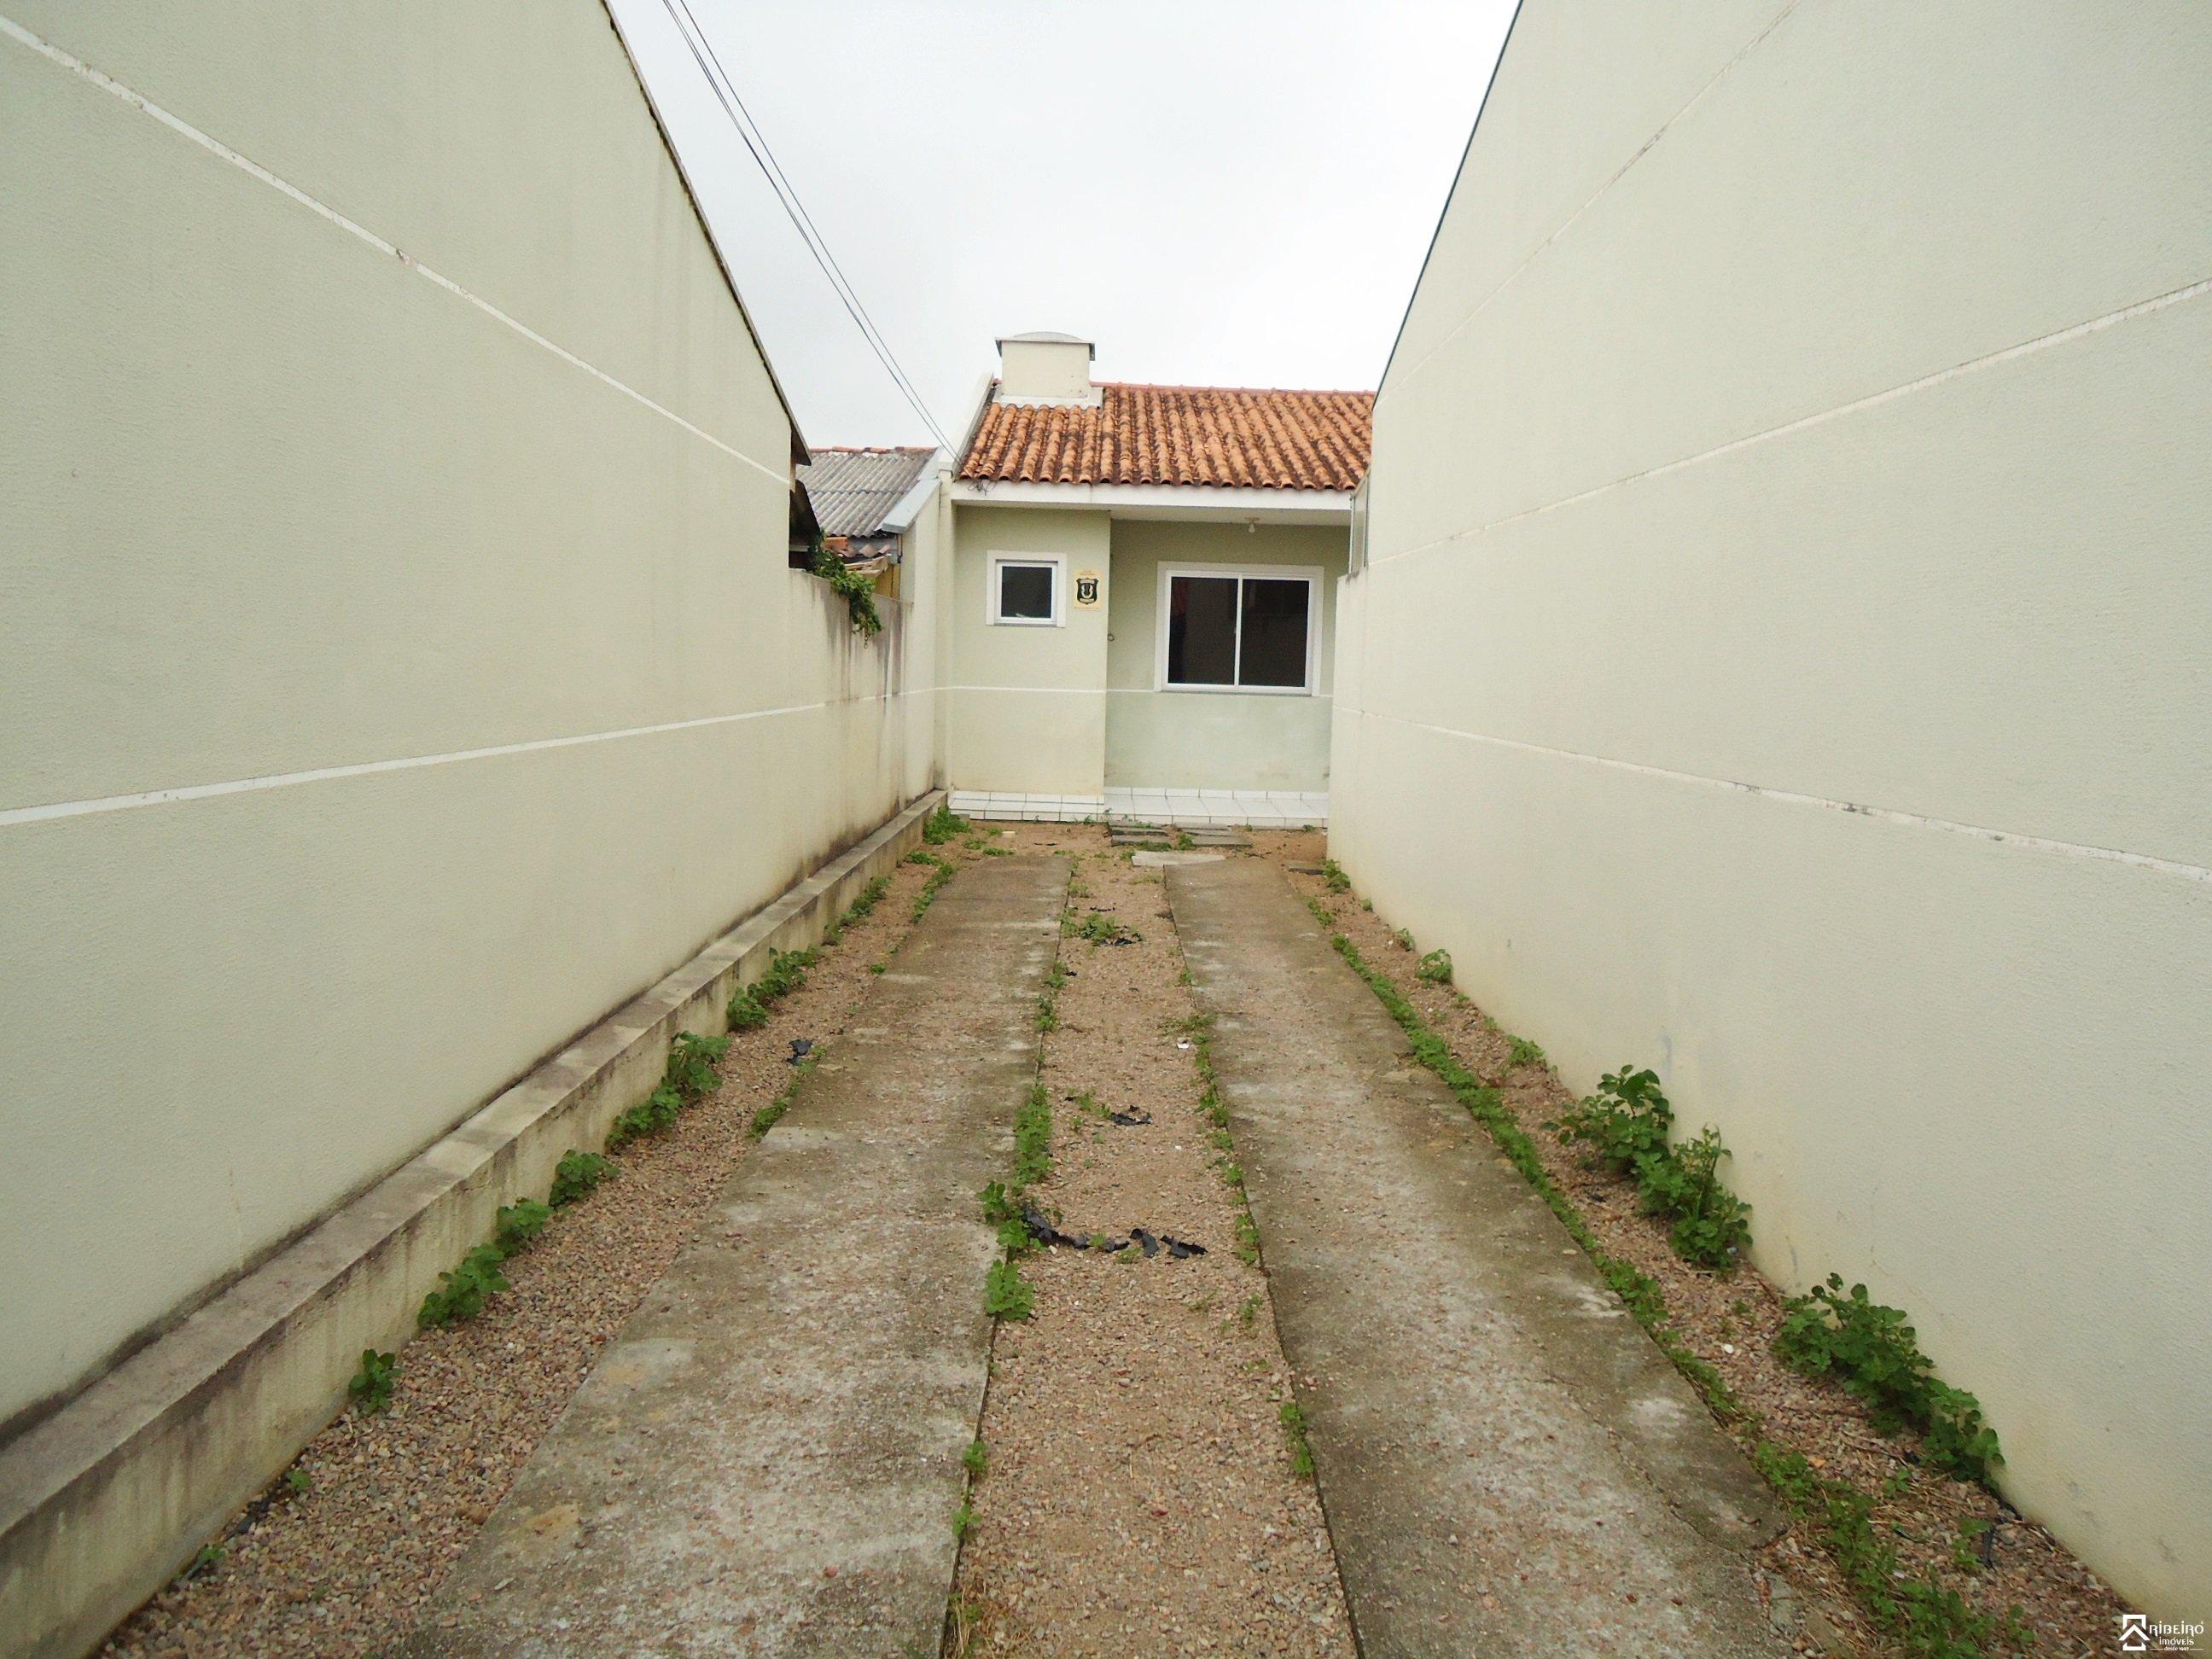 REF. 2228 -  São José Dos Pinhais - Rua  Padre Damiao De Veuster, 149 - Casa 02